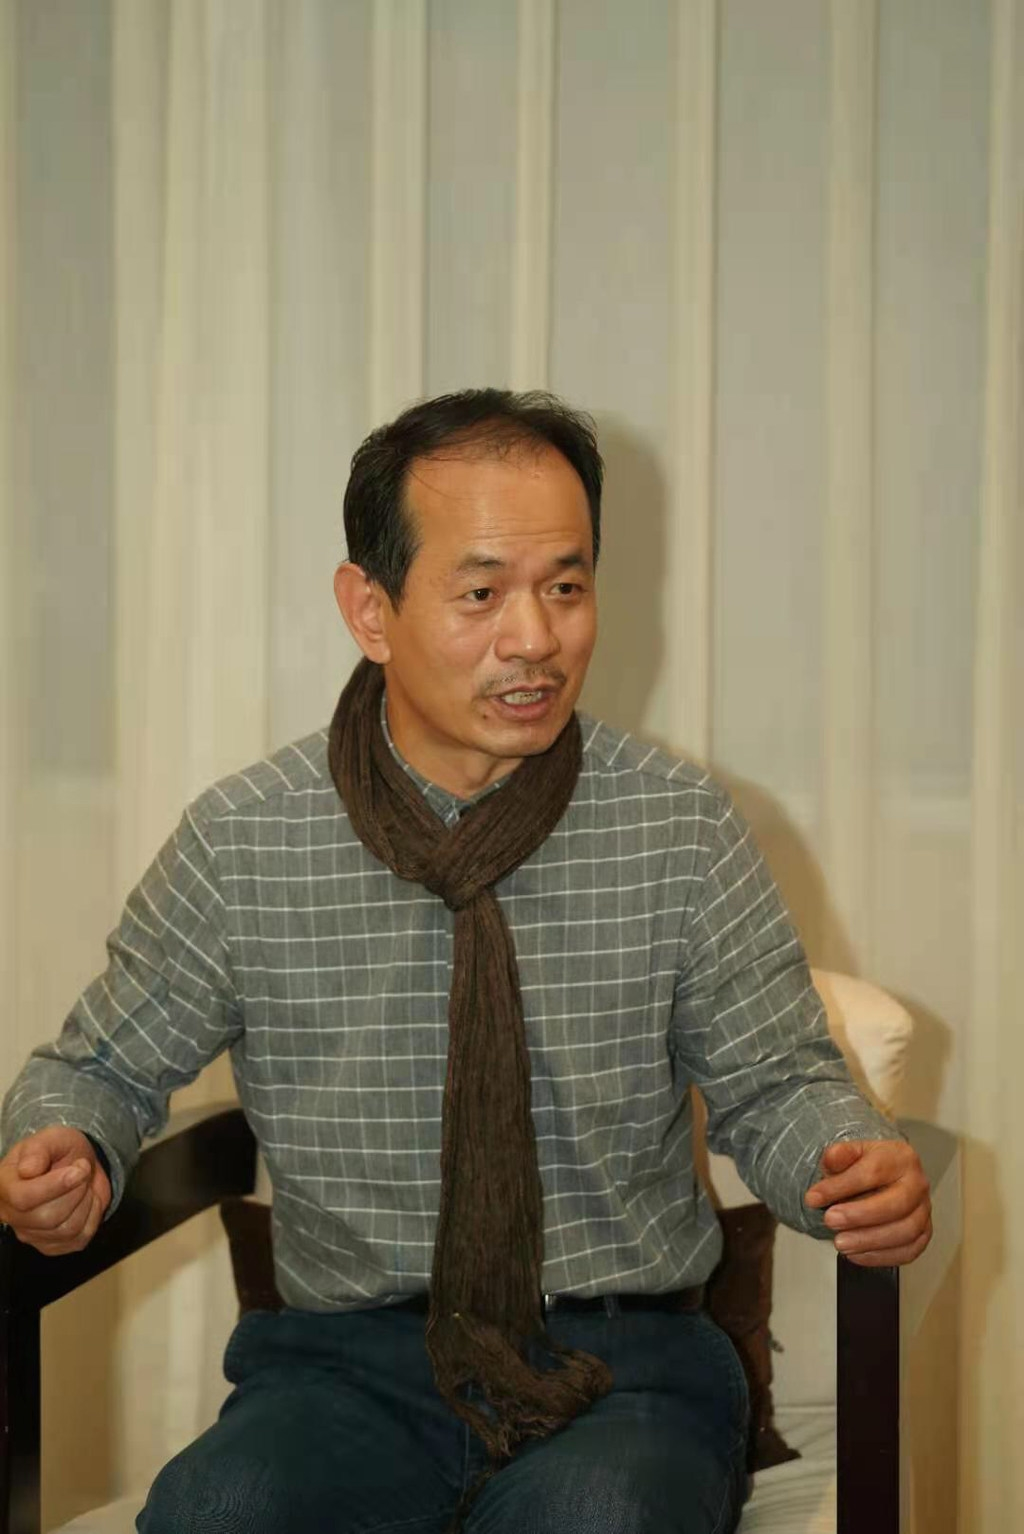 第四届成都国际诗歌周 鲁迅文学奖获得者、诗人阎安:诗歌是文化现代化的重要催化剂